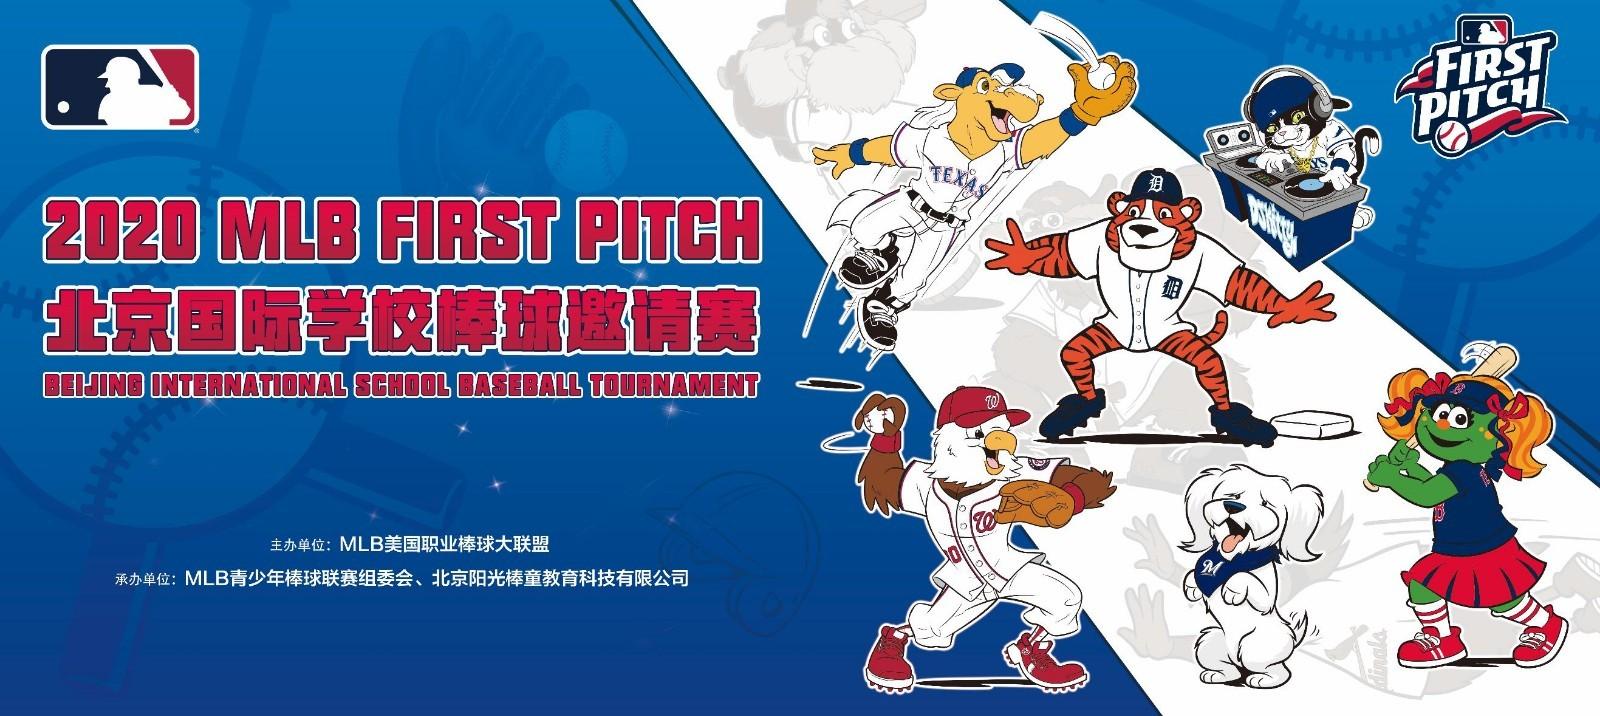 棒球少年国庆佳节展开竞技!MLB First Pitch青少年棒球联赛北京开战